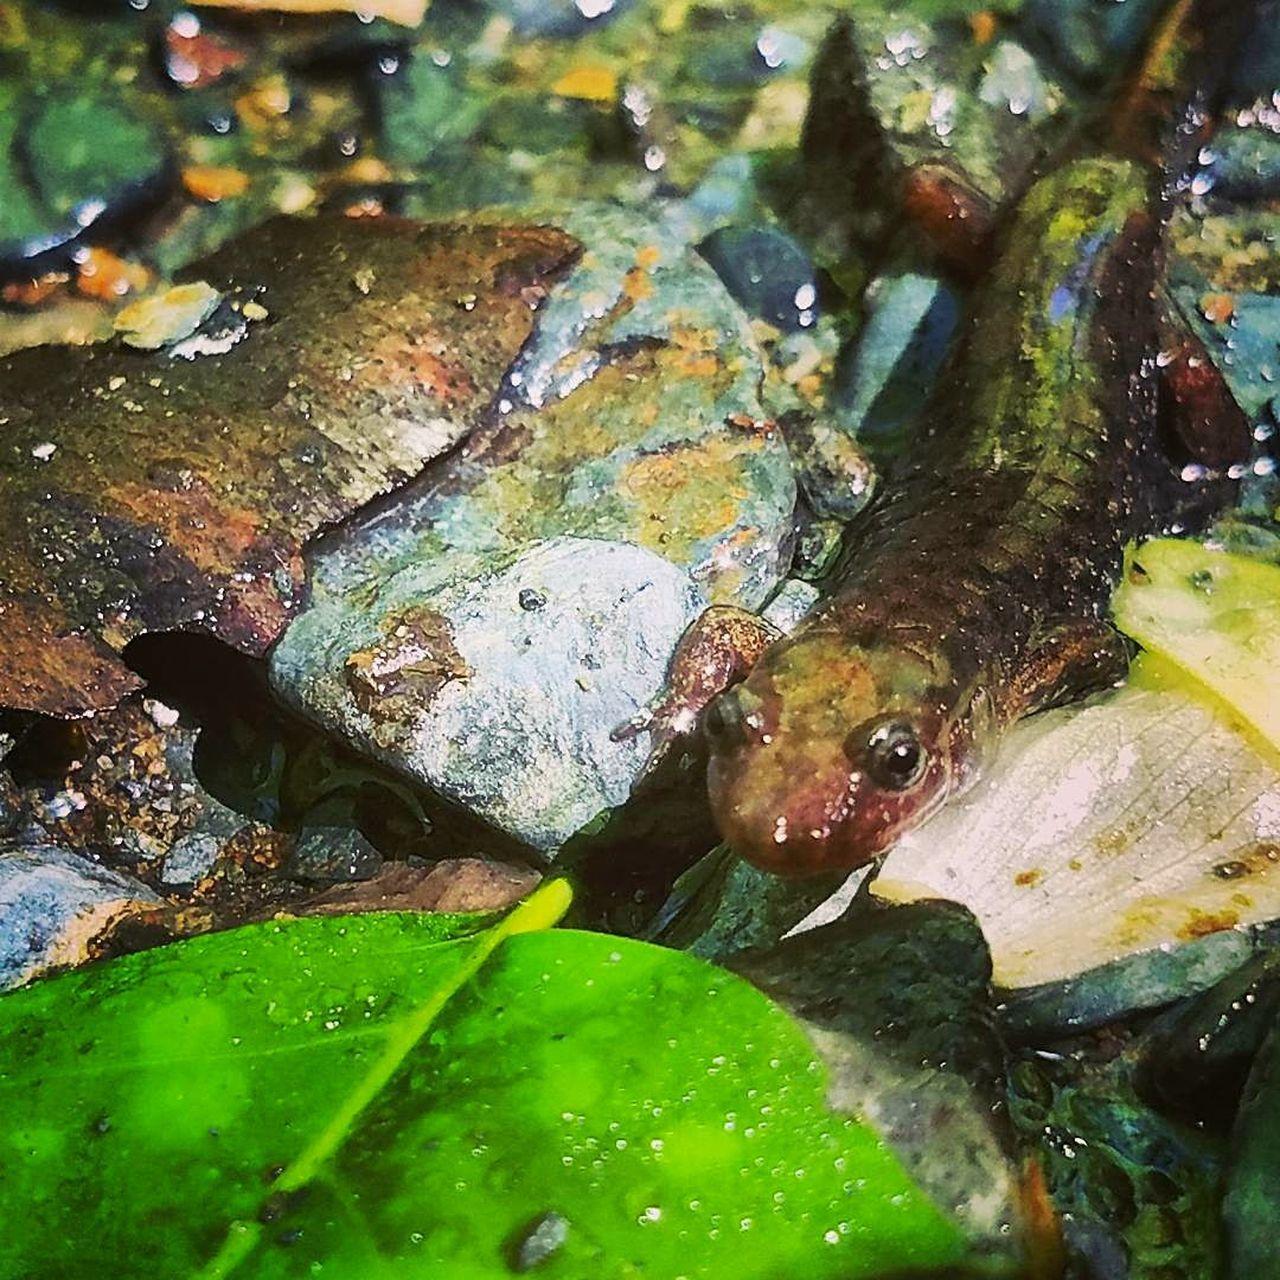 Salamander Great Smoky Mountains  Nature Salamanders Of The Great Smoky Mountains Close-up